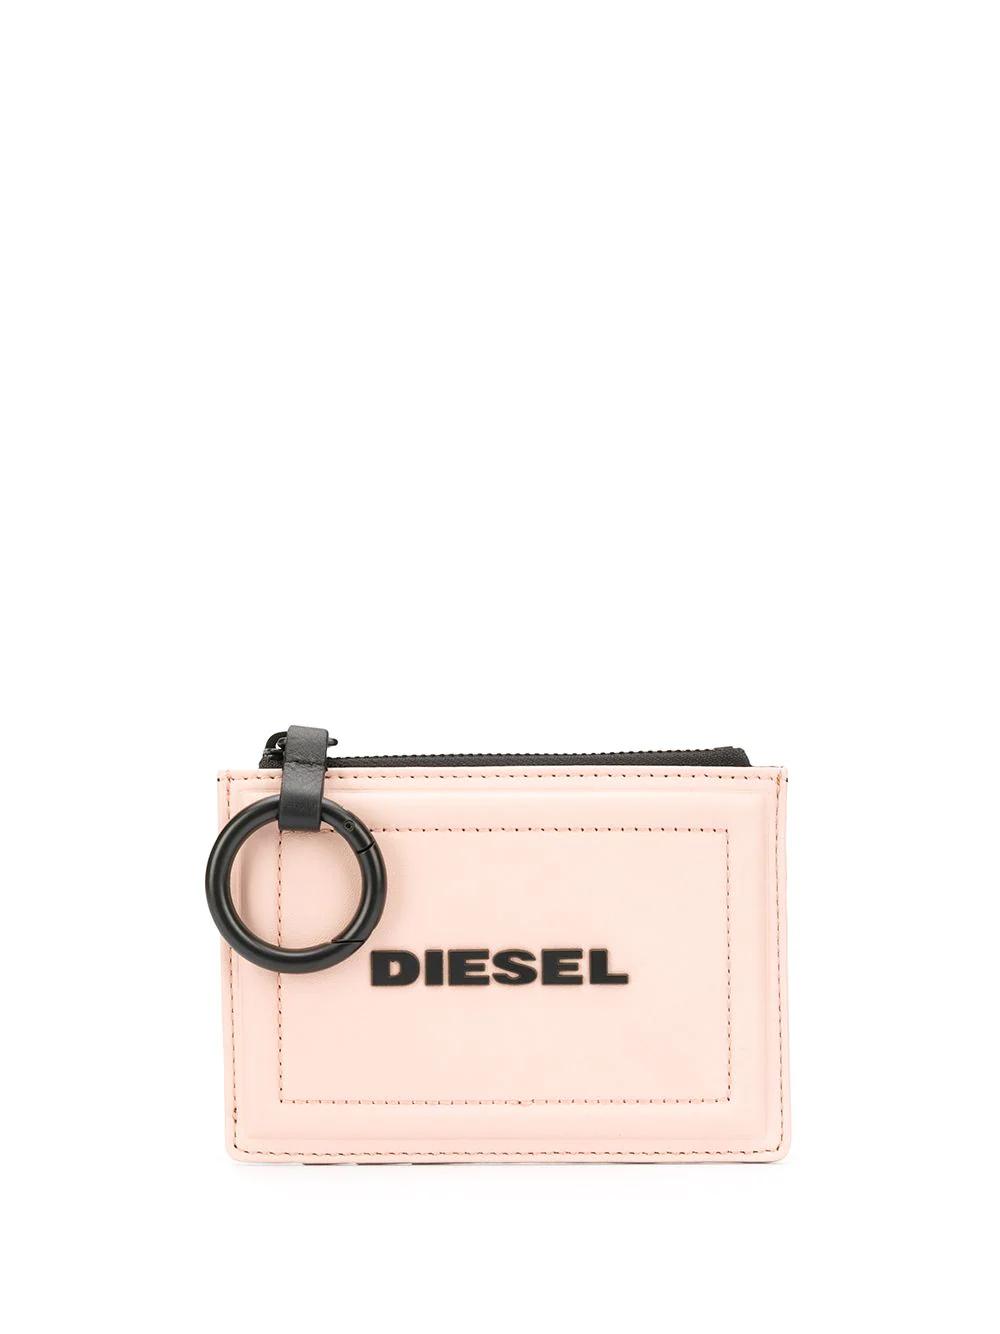 DIESEL | Diesel двухцветная ключница | Clouty